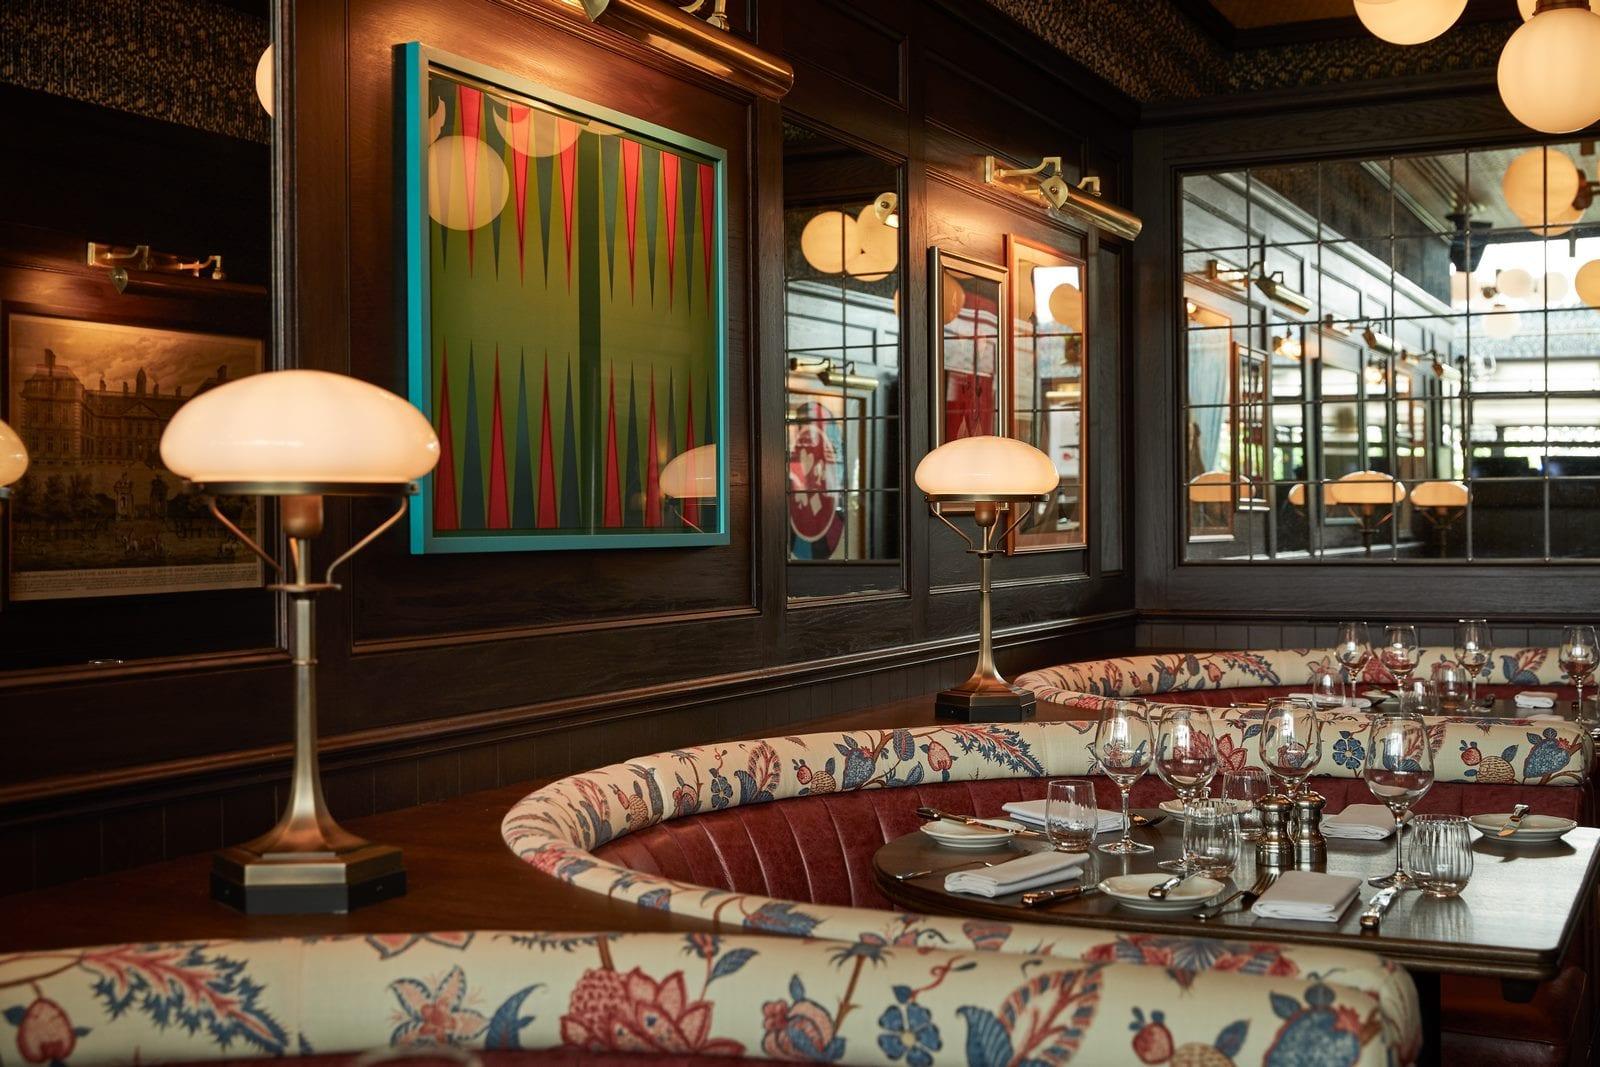 Arte y tradición en el restaurante Moncks 16